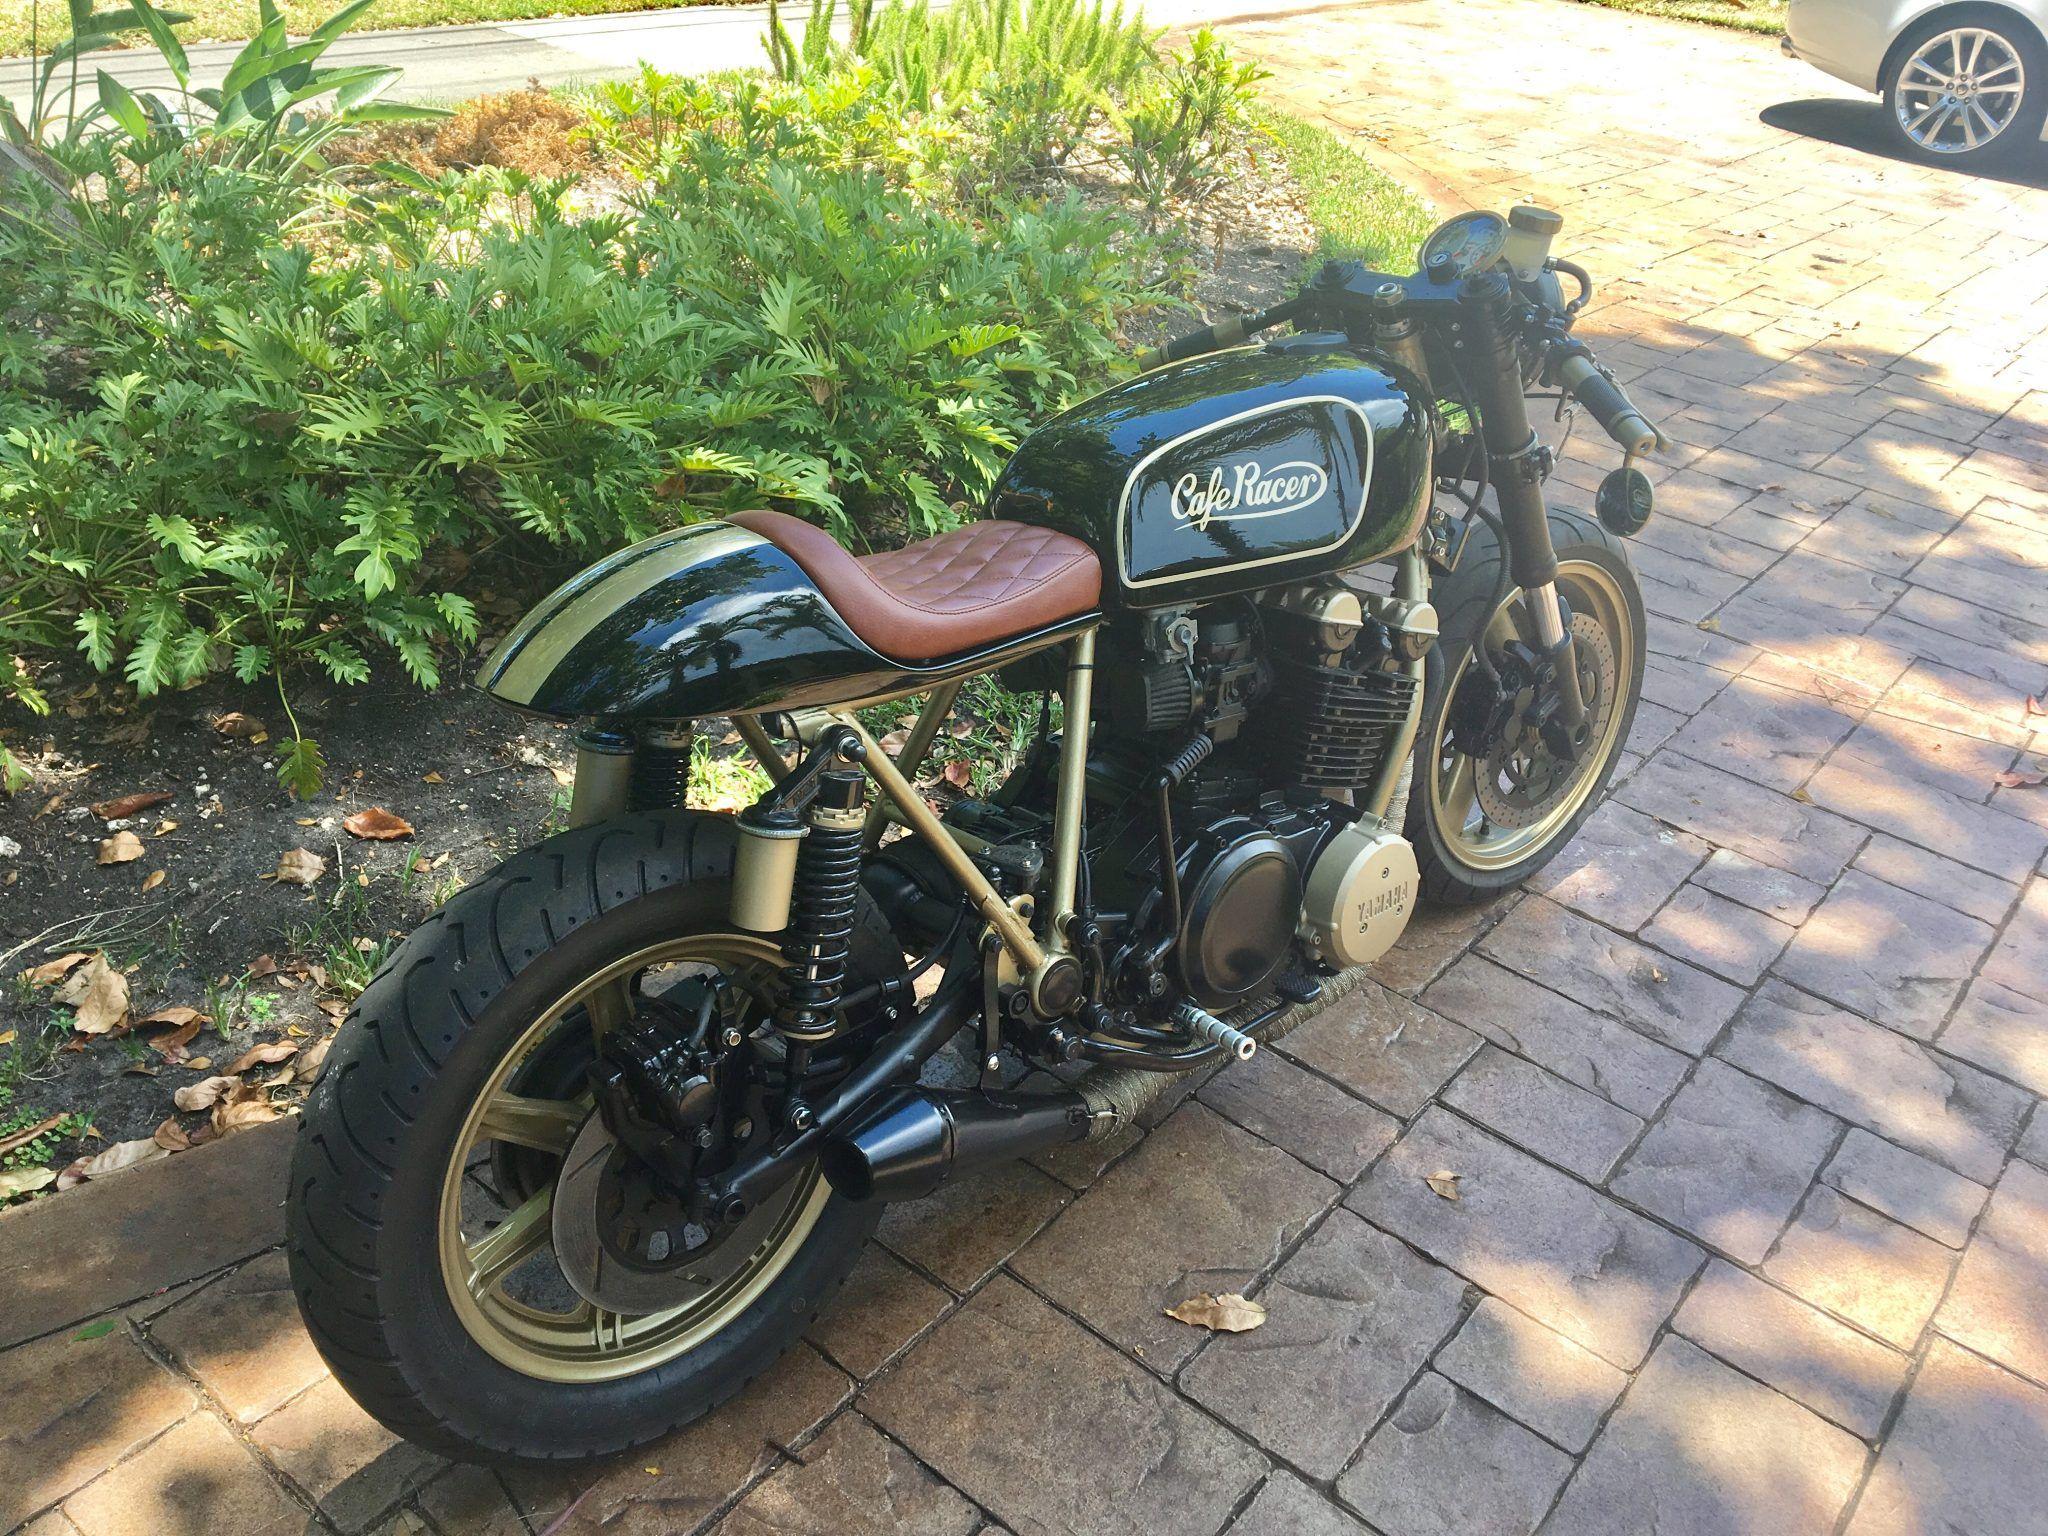 Cafe Racer Yamaha 850 Pro Built Custom Cafe Racer Motorcycles For Sale Custom Cafe Racer Cafe Racer Vintage Cafe Racer